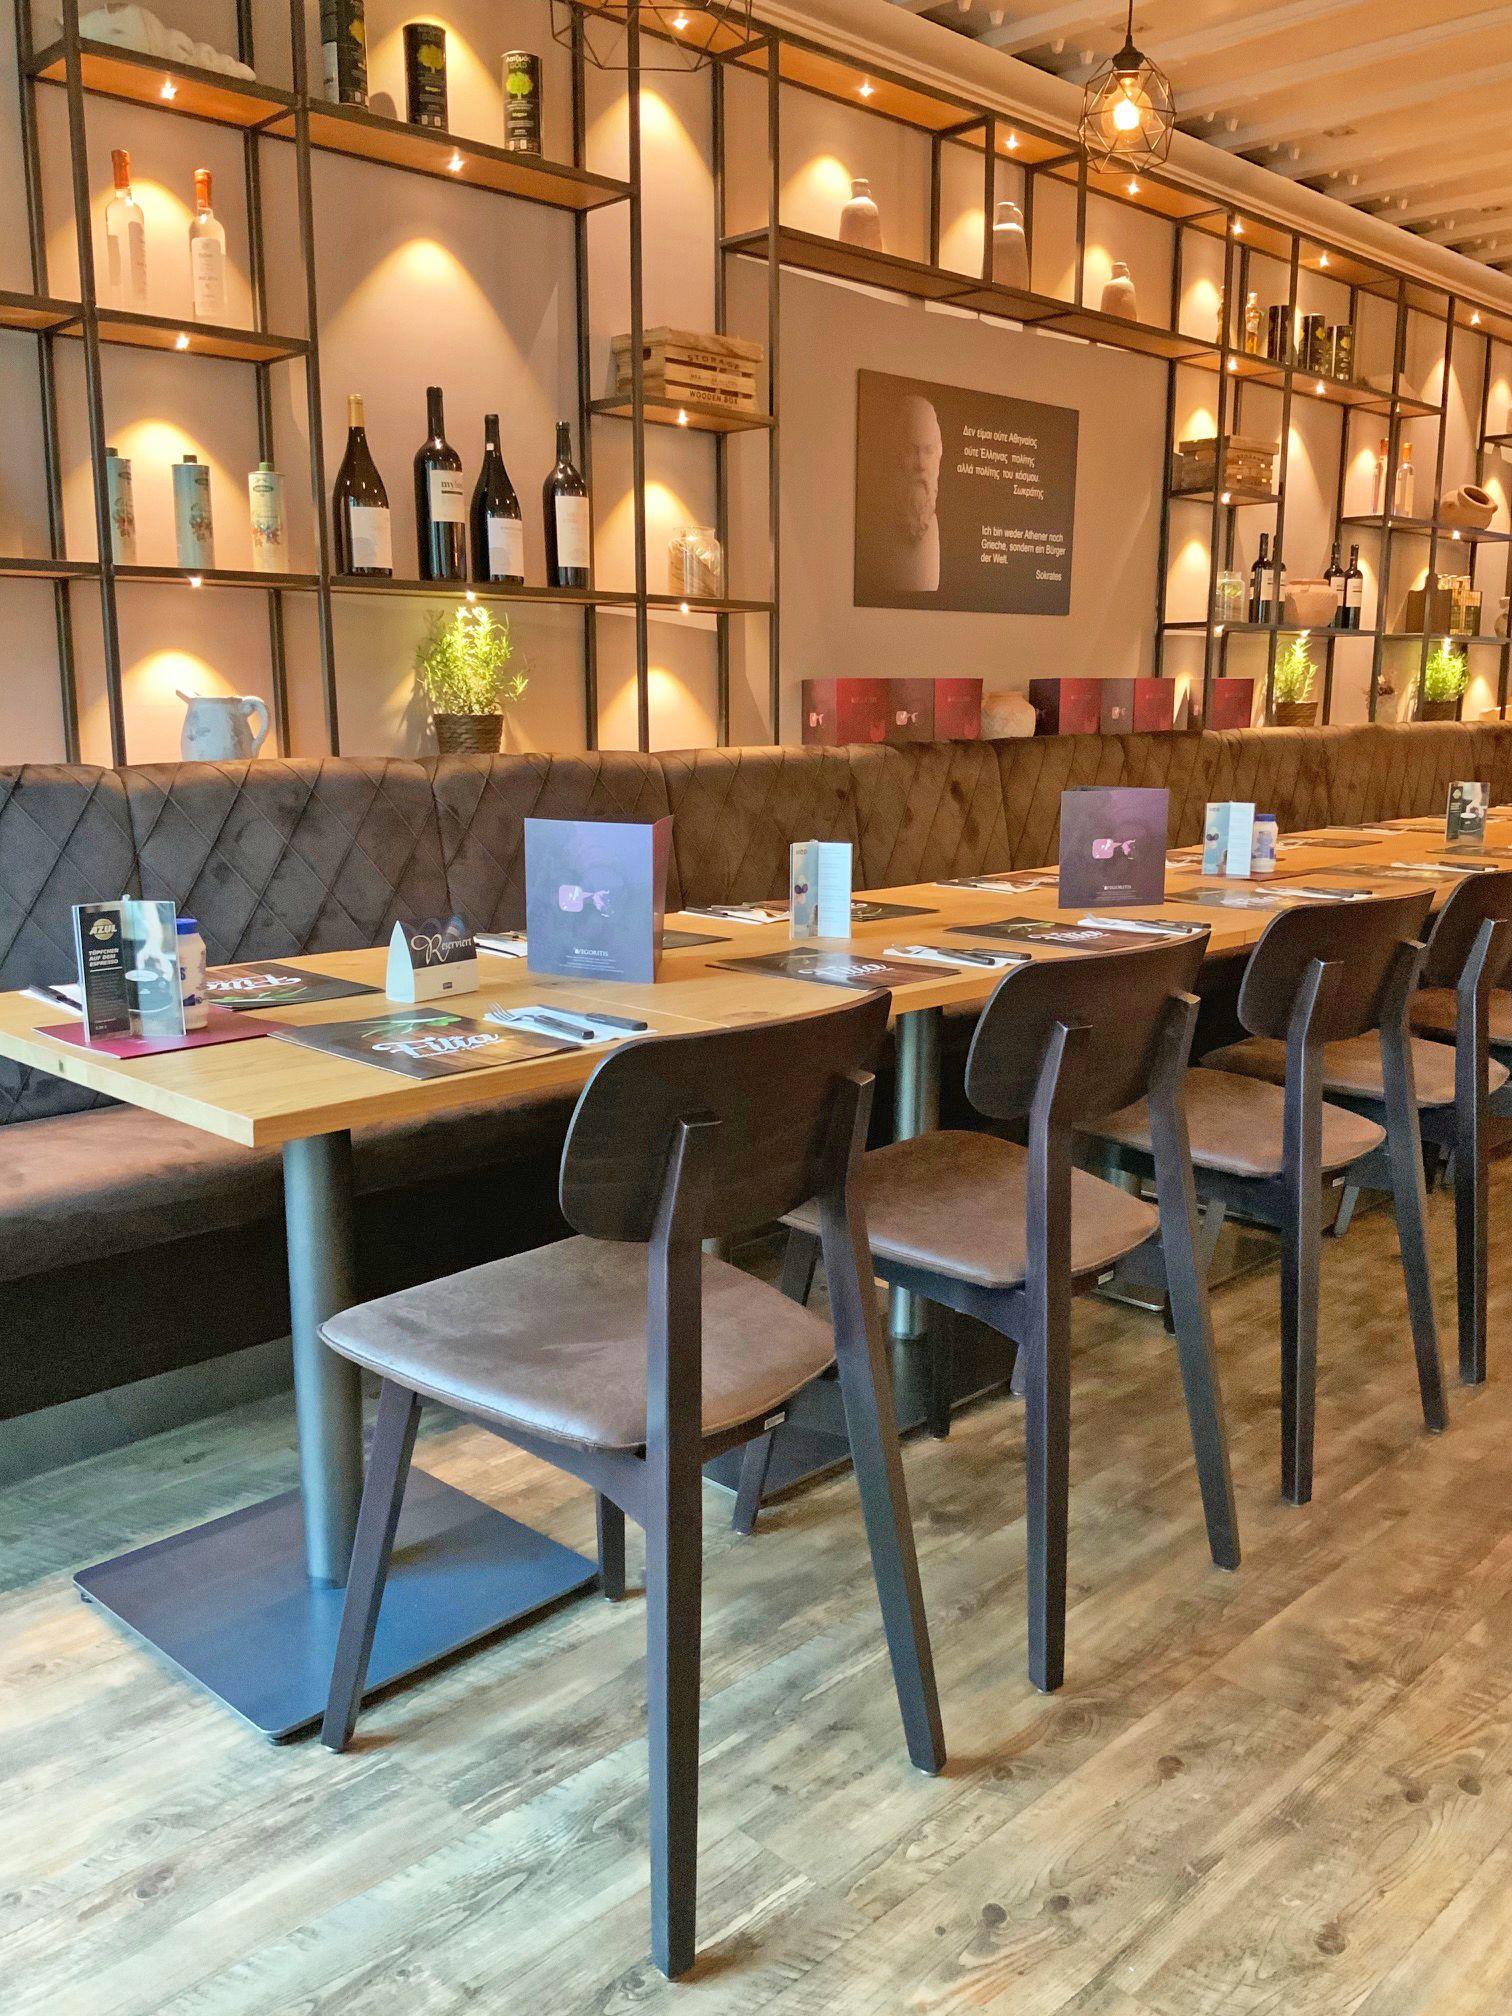 Einrichtung Hotel & Restaurant   Gastronomie möbel, Gastronomieeinrichtung, Gastro einrichtung